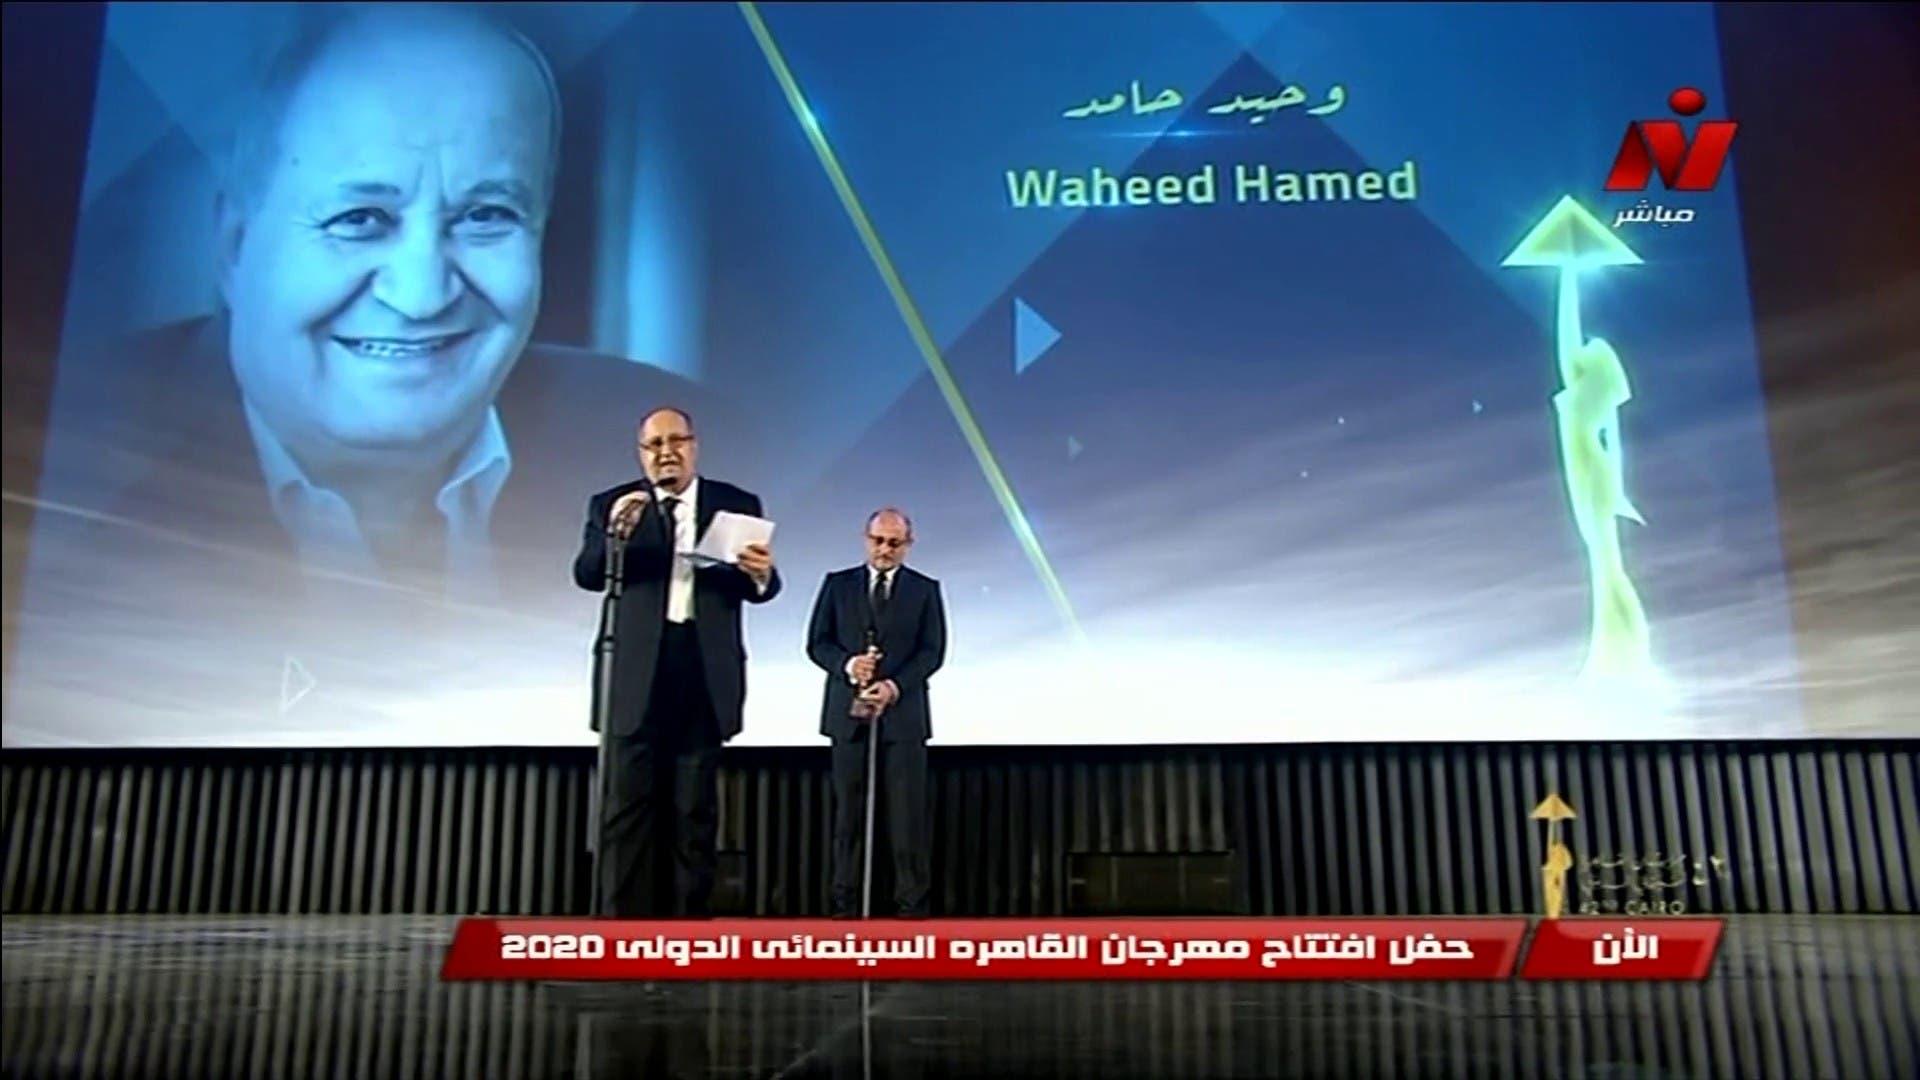 خلال كلمة وحيد حامد بمهرجان القاهرة